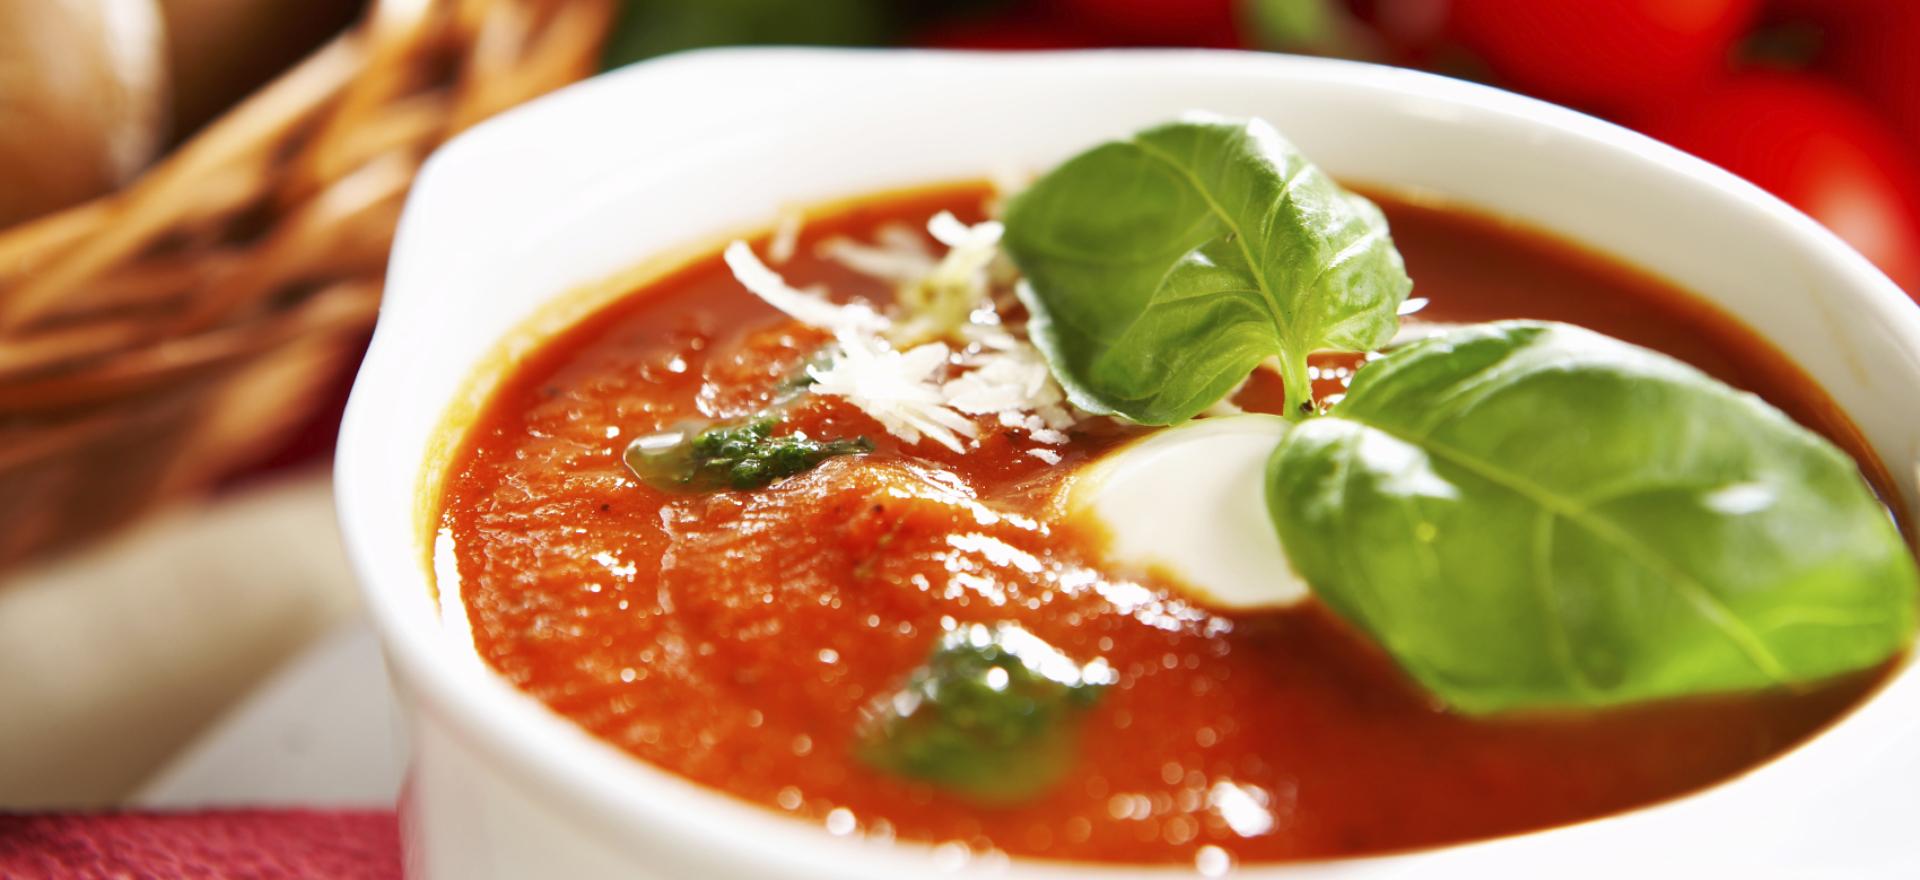 Magasins-IGA-Daigle-soupe